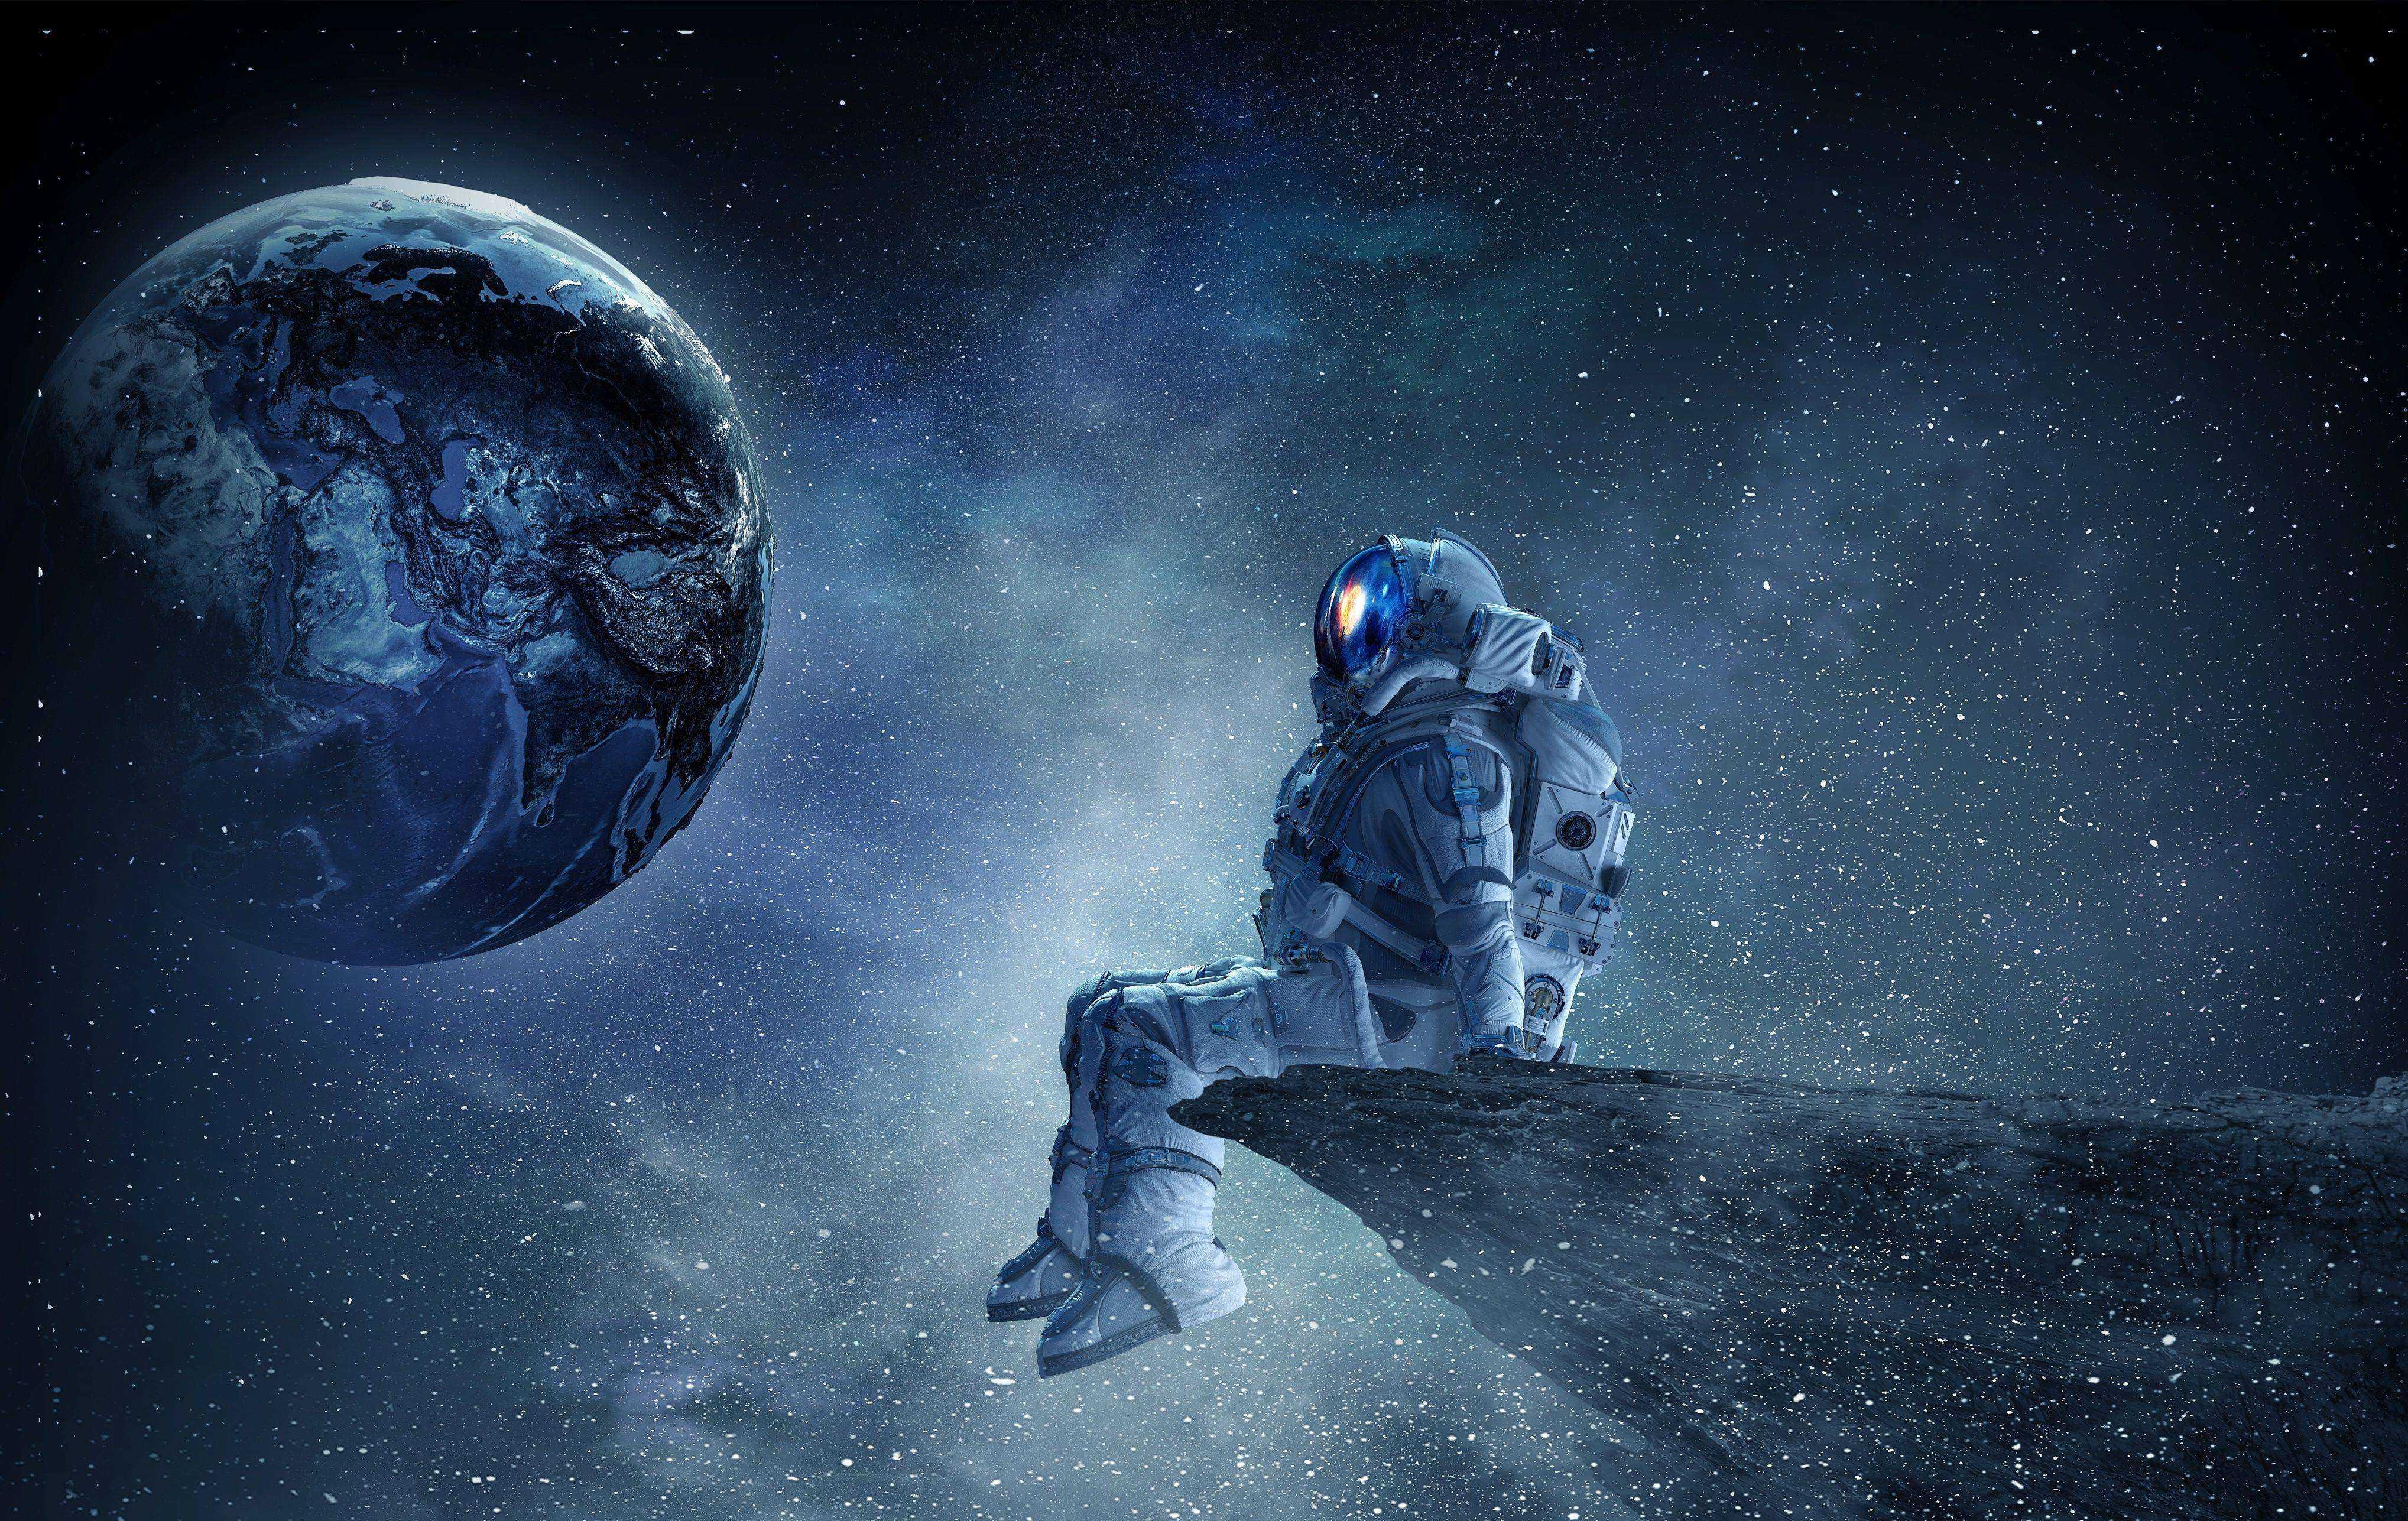 Sci Fi Wallpaper 143 4074x2574